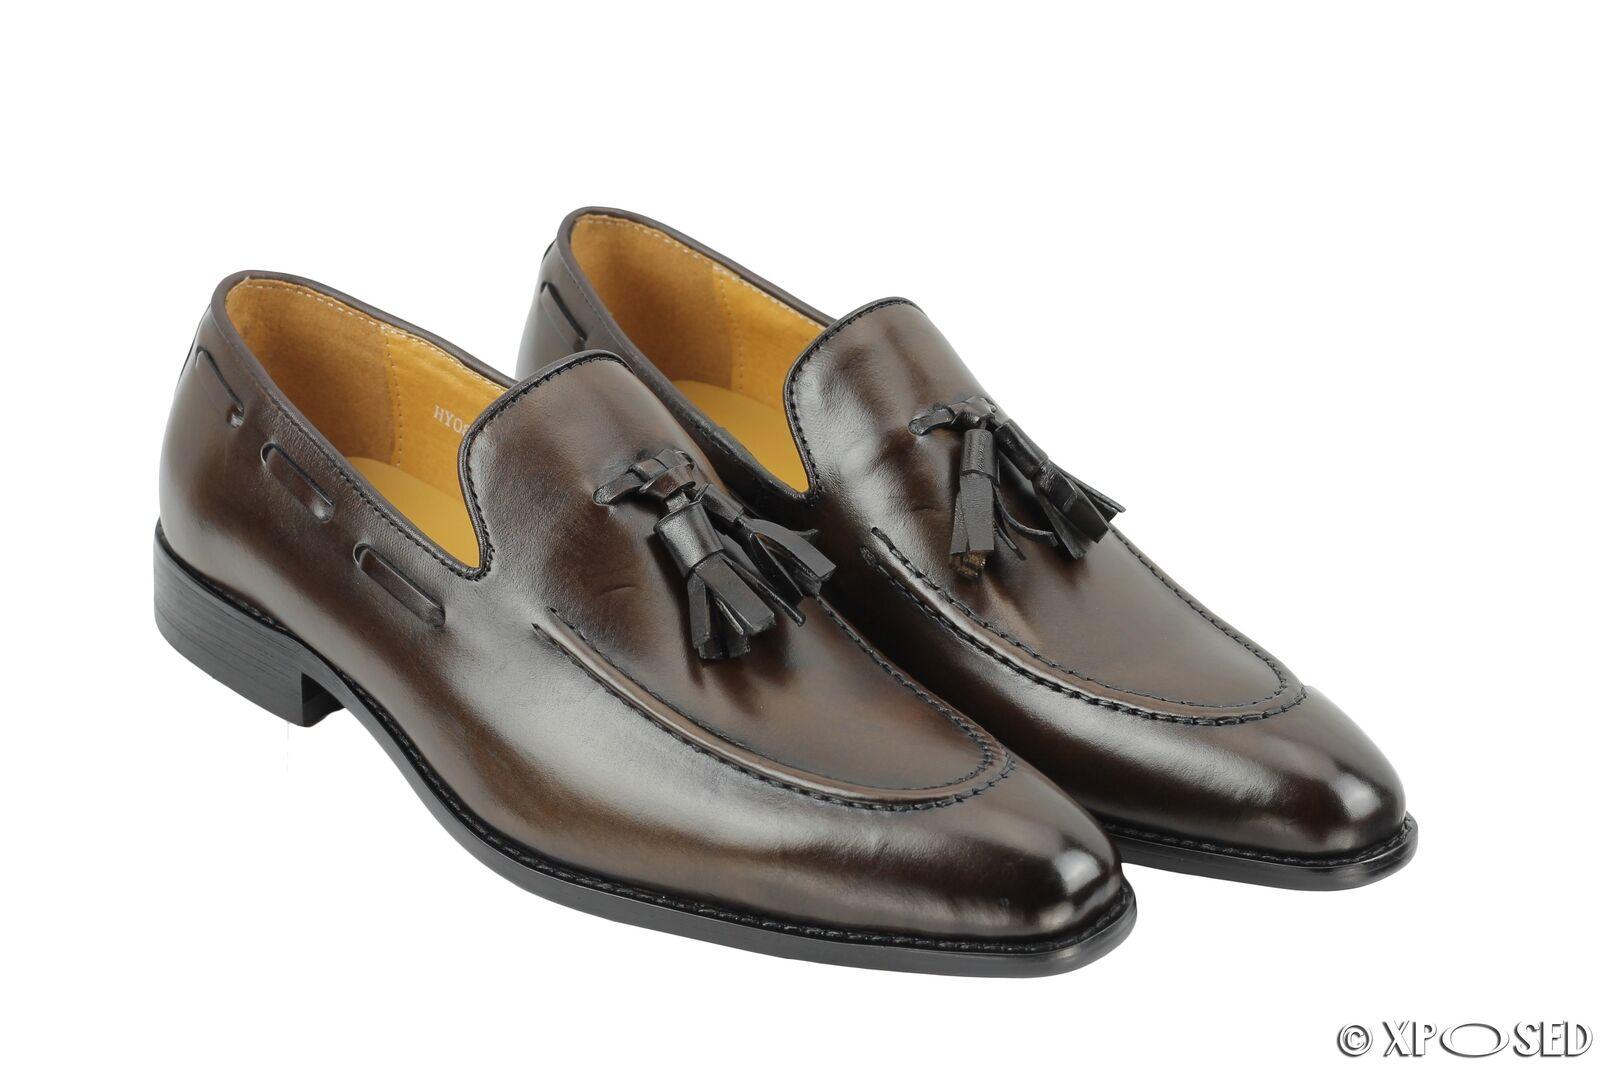 Herren Smooth Polished 100% Real Leder Braun Tassel Loafer Dress Schuhes UK Größes